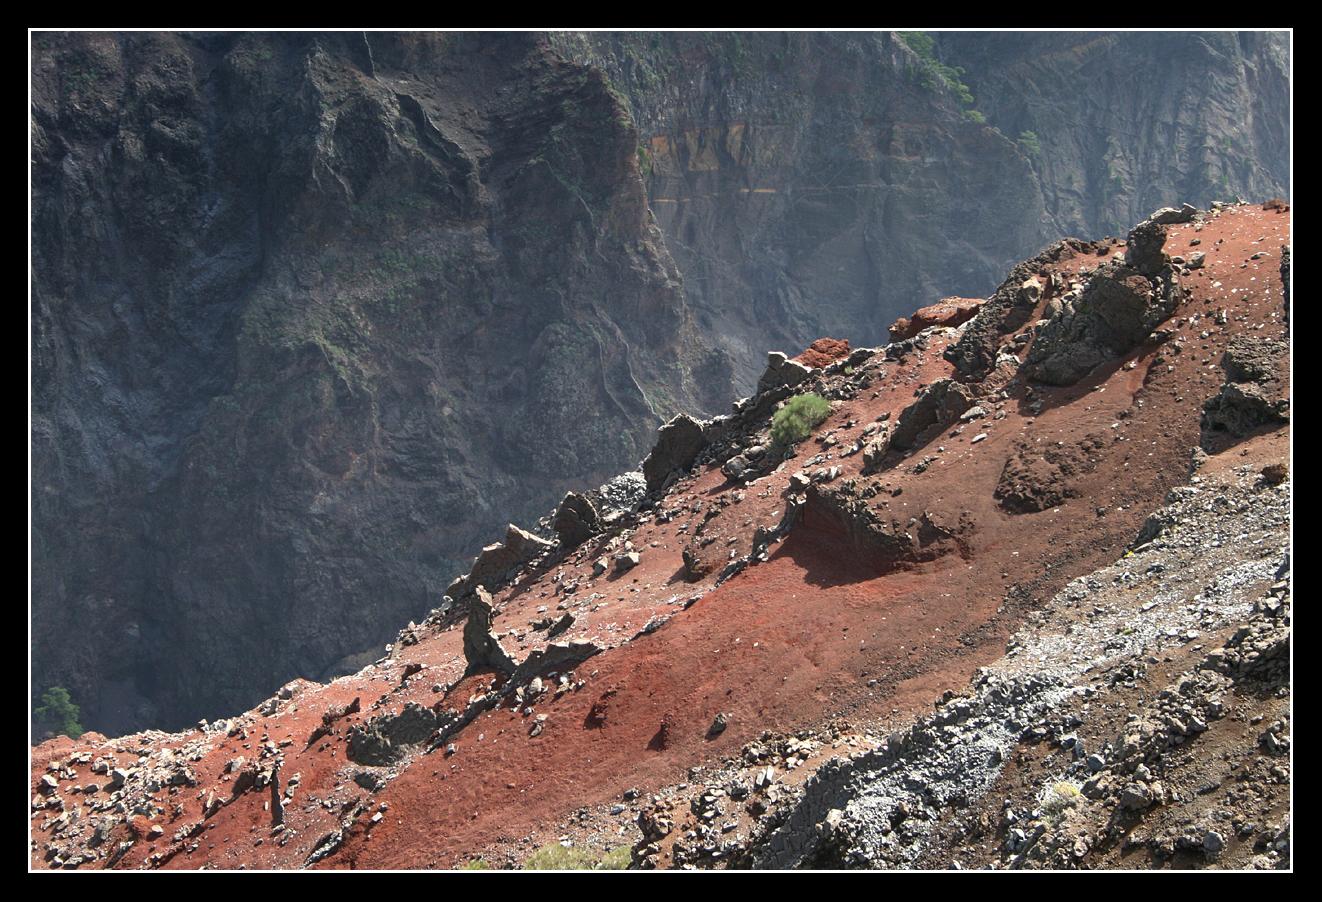 Caldera de Taburiente - La Palma 2